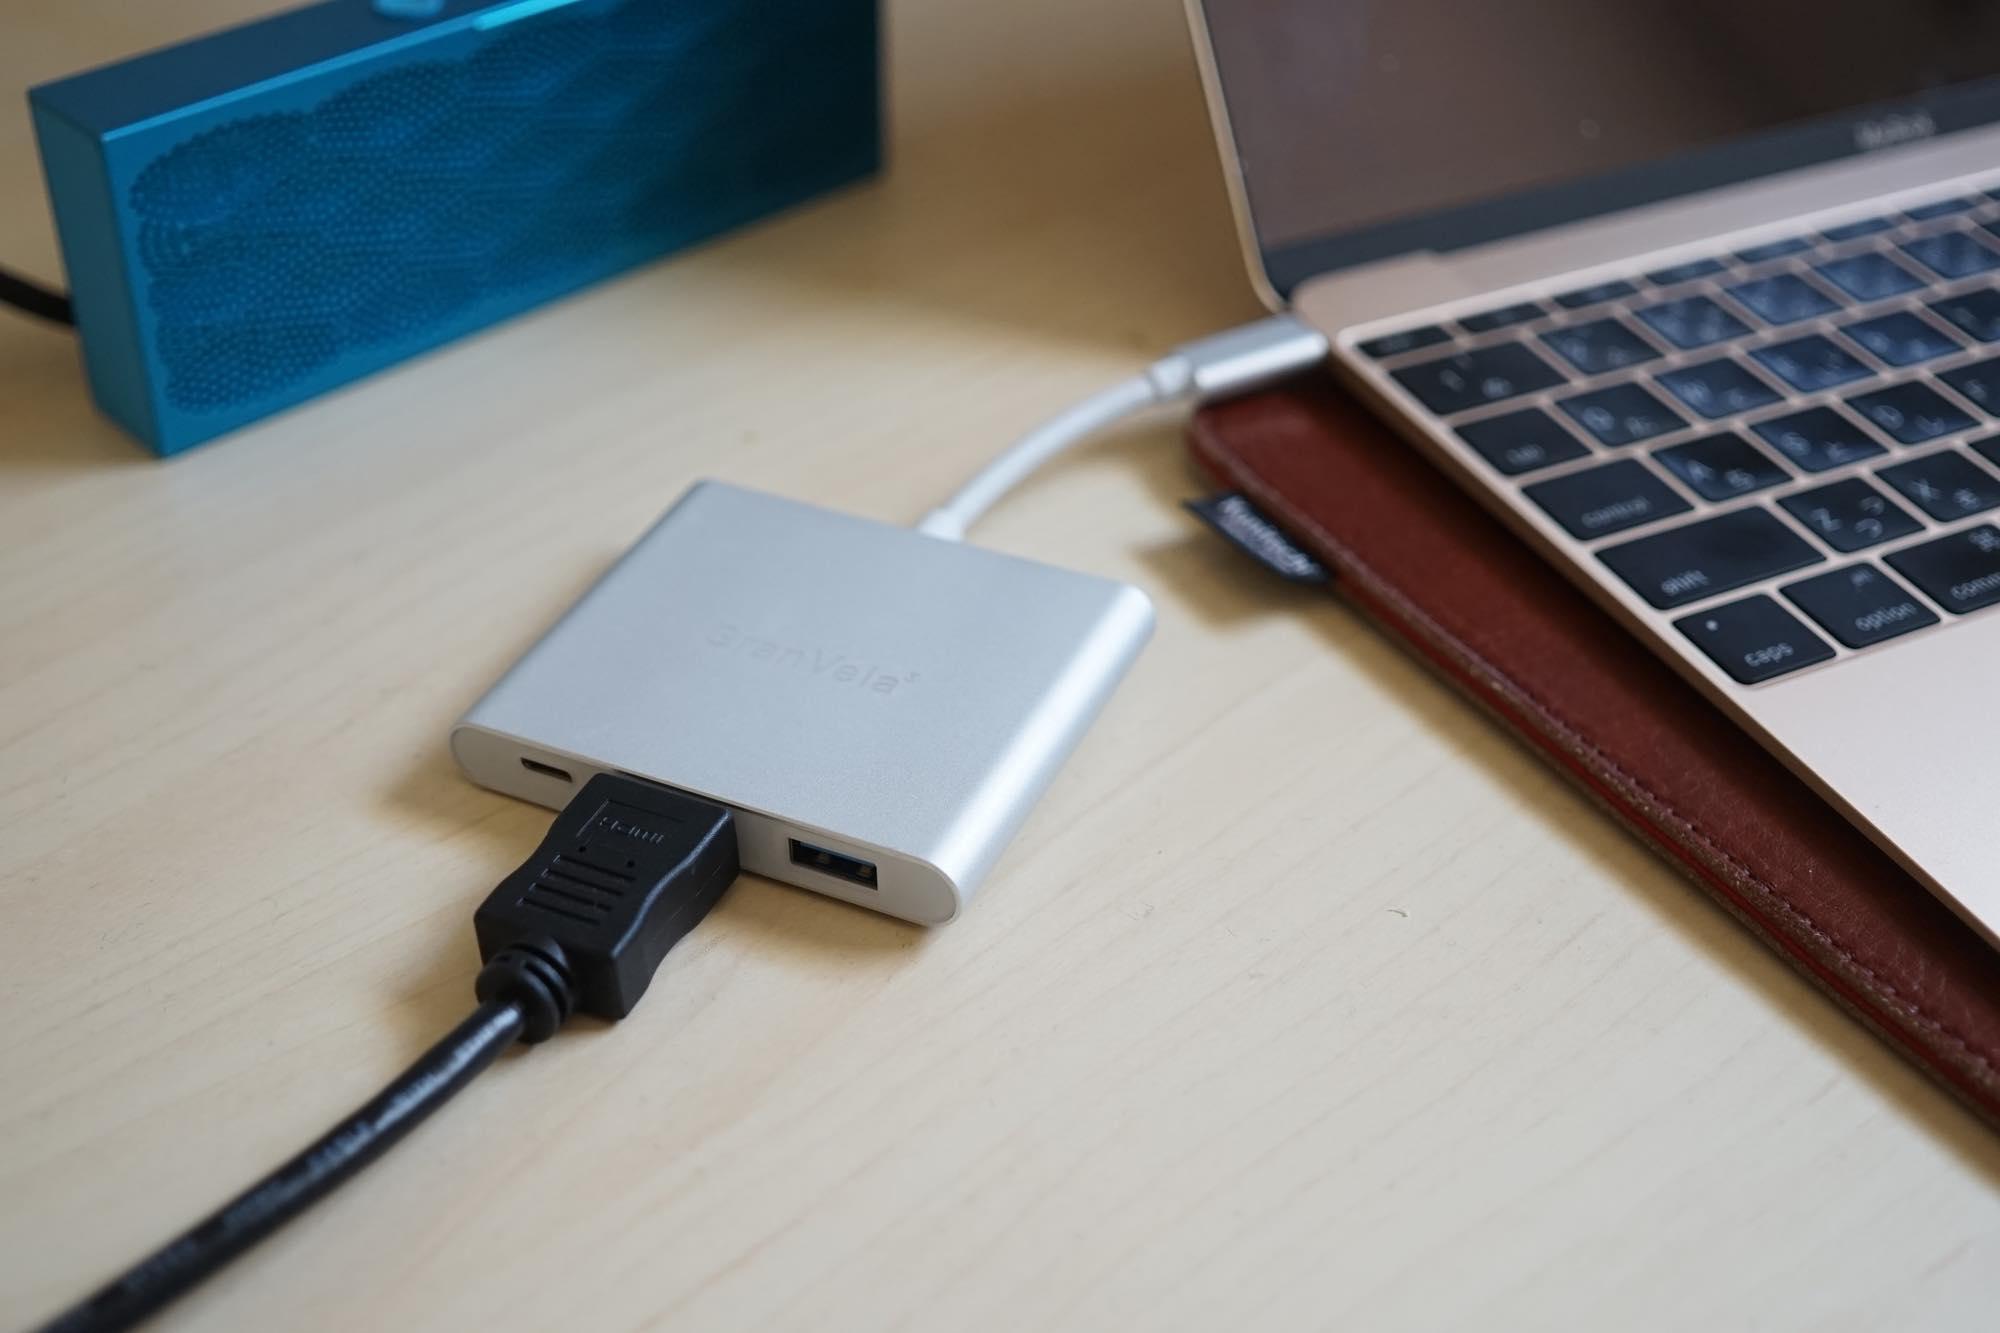 macbook-multiport5